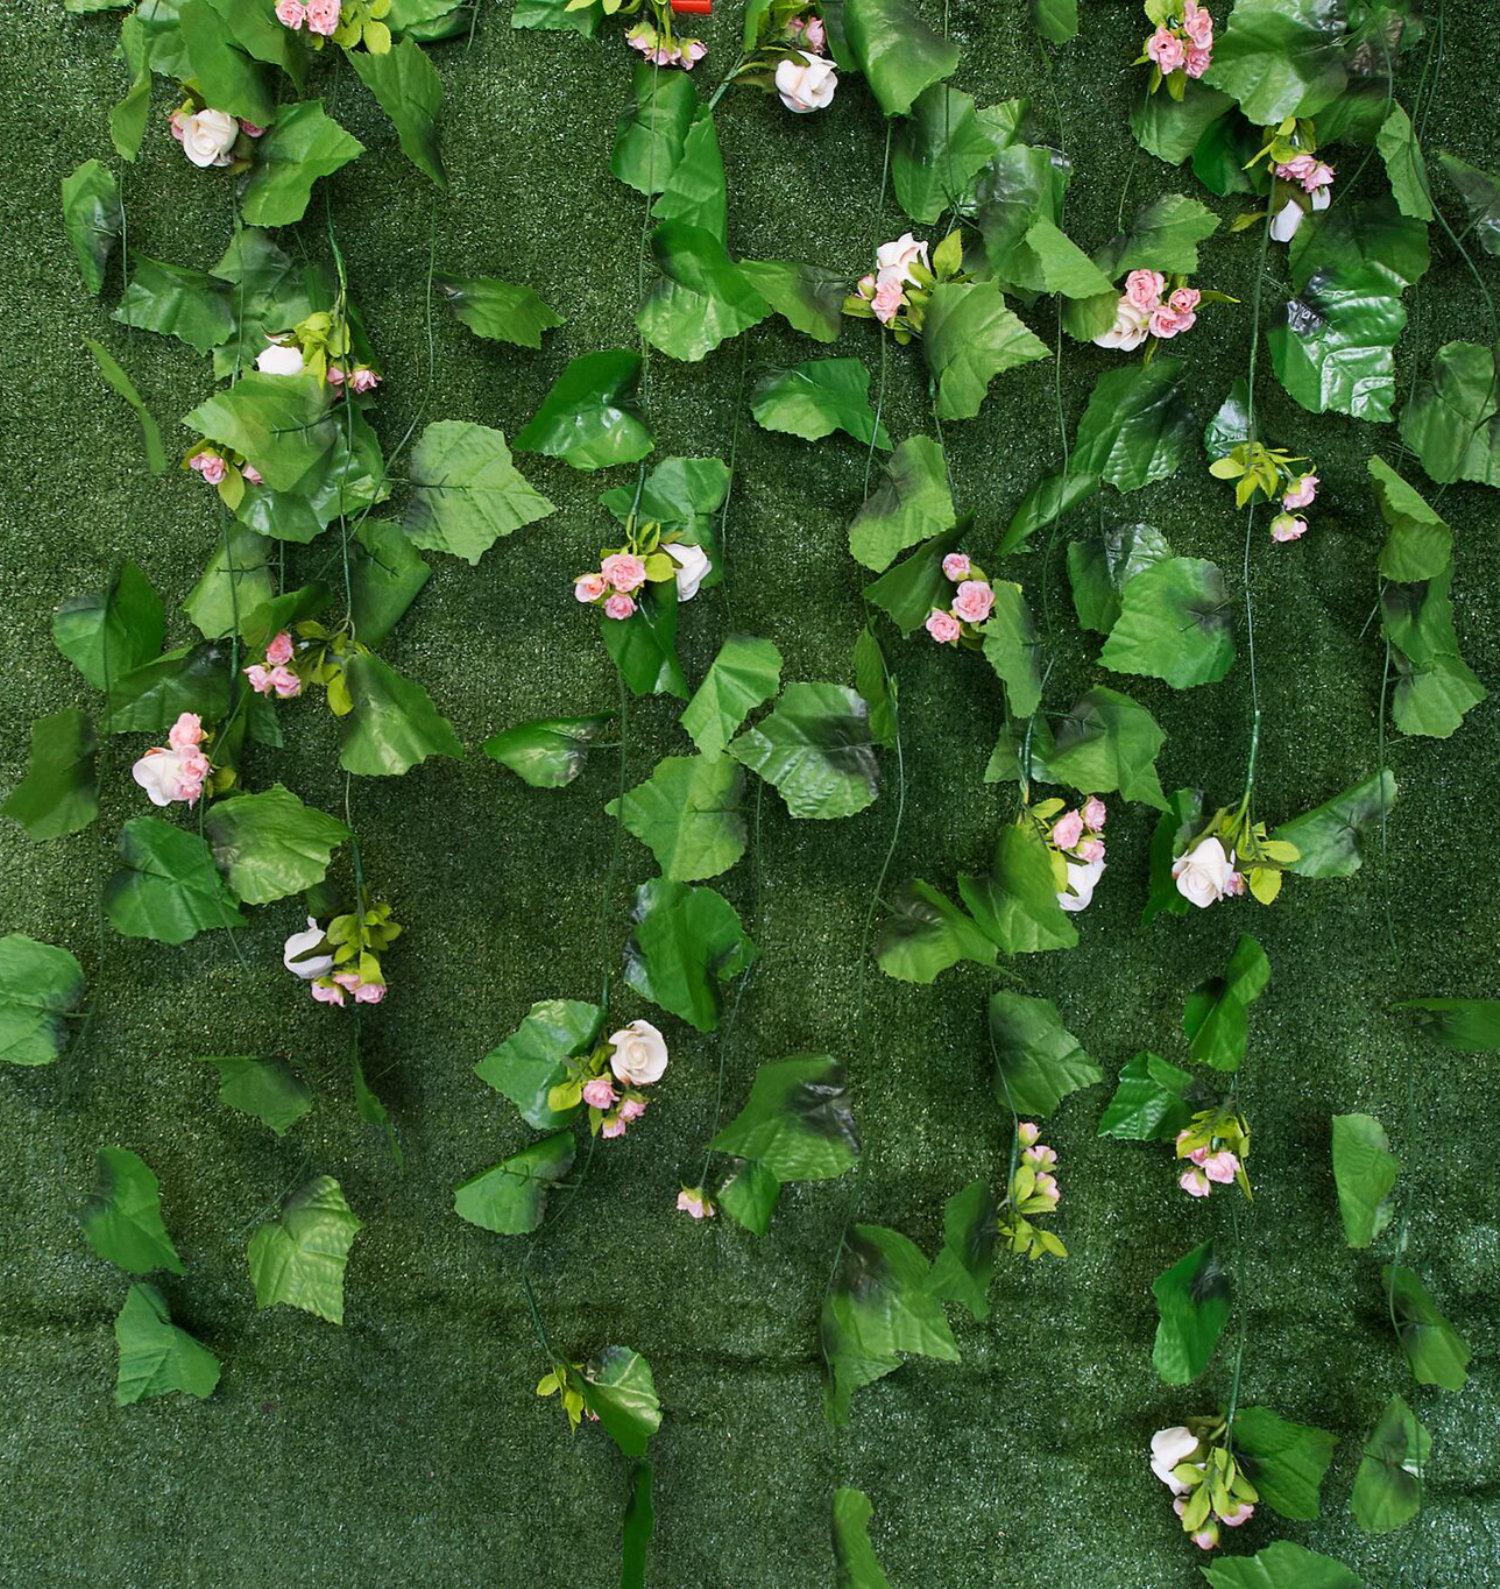 greenery 1.jpg